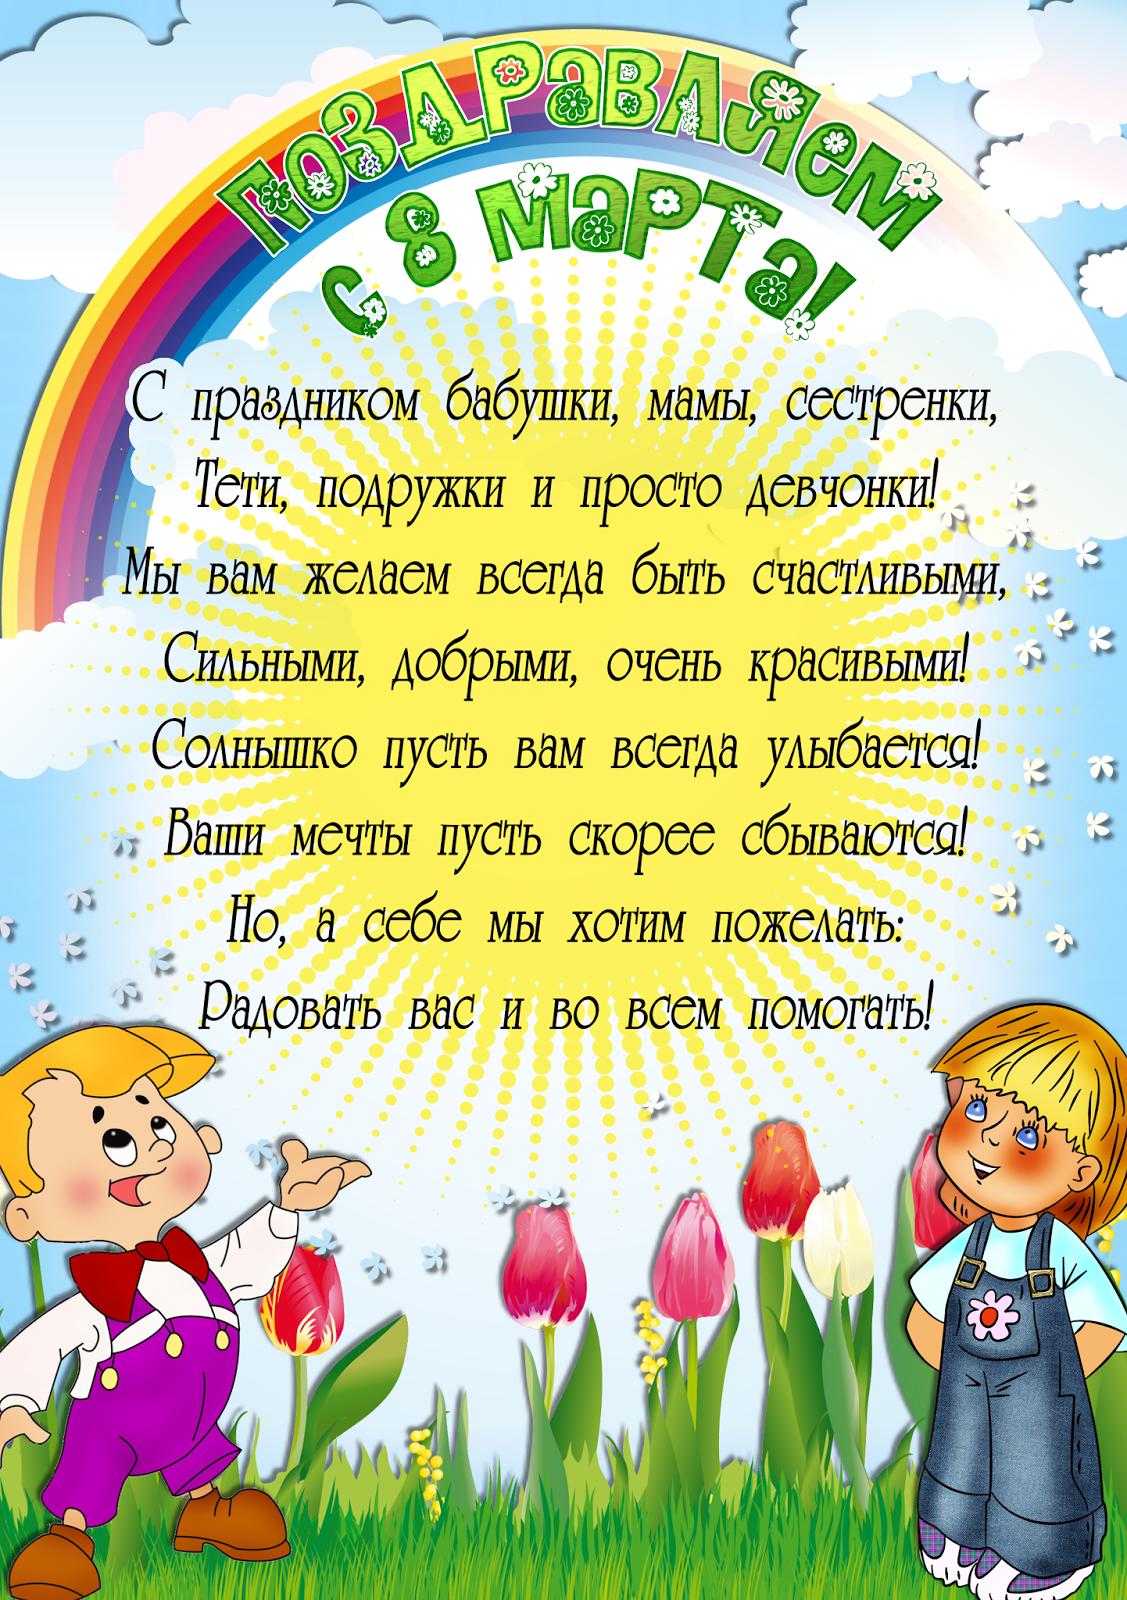 Картинка с 8 марта родителям в детском саду